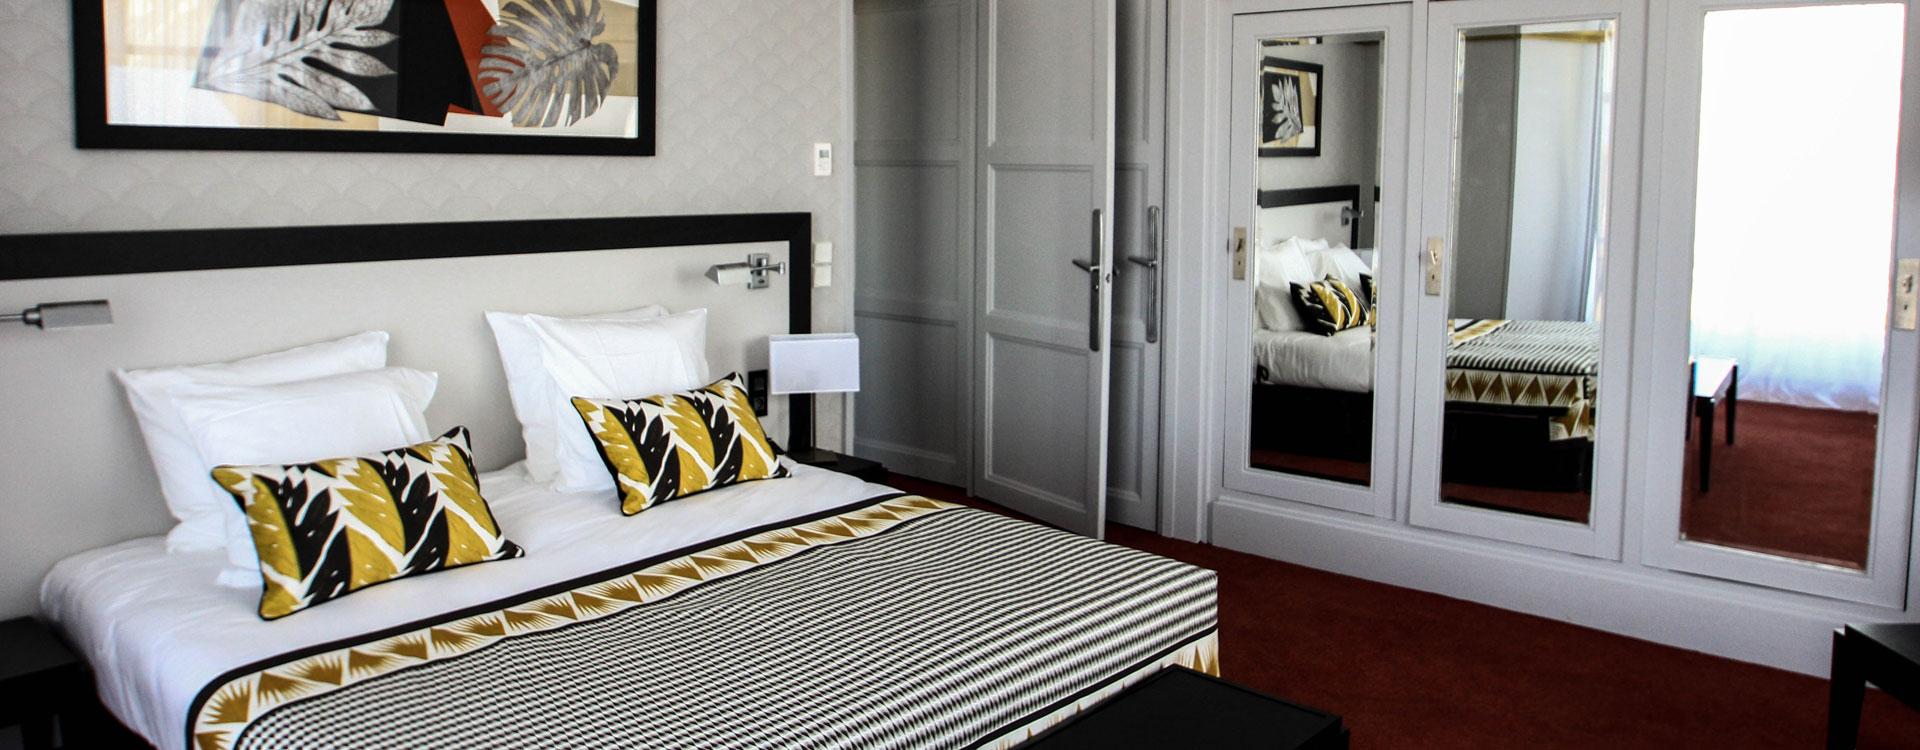 chambre hotel splendidi dax